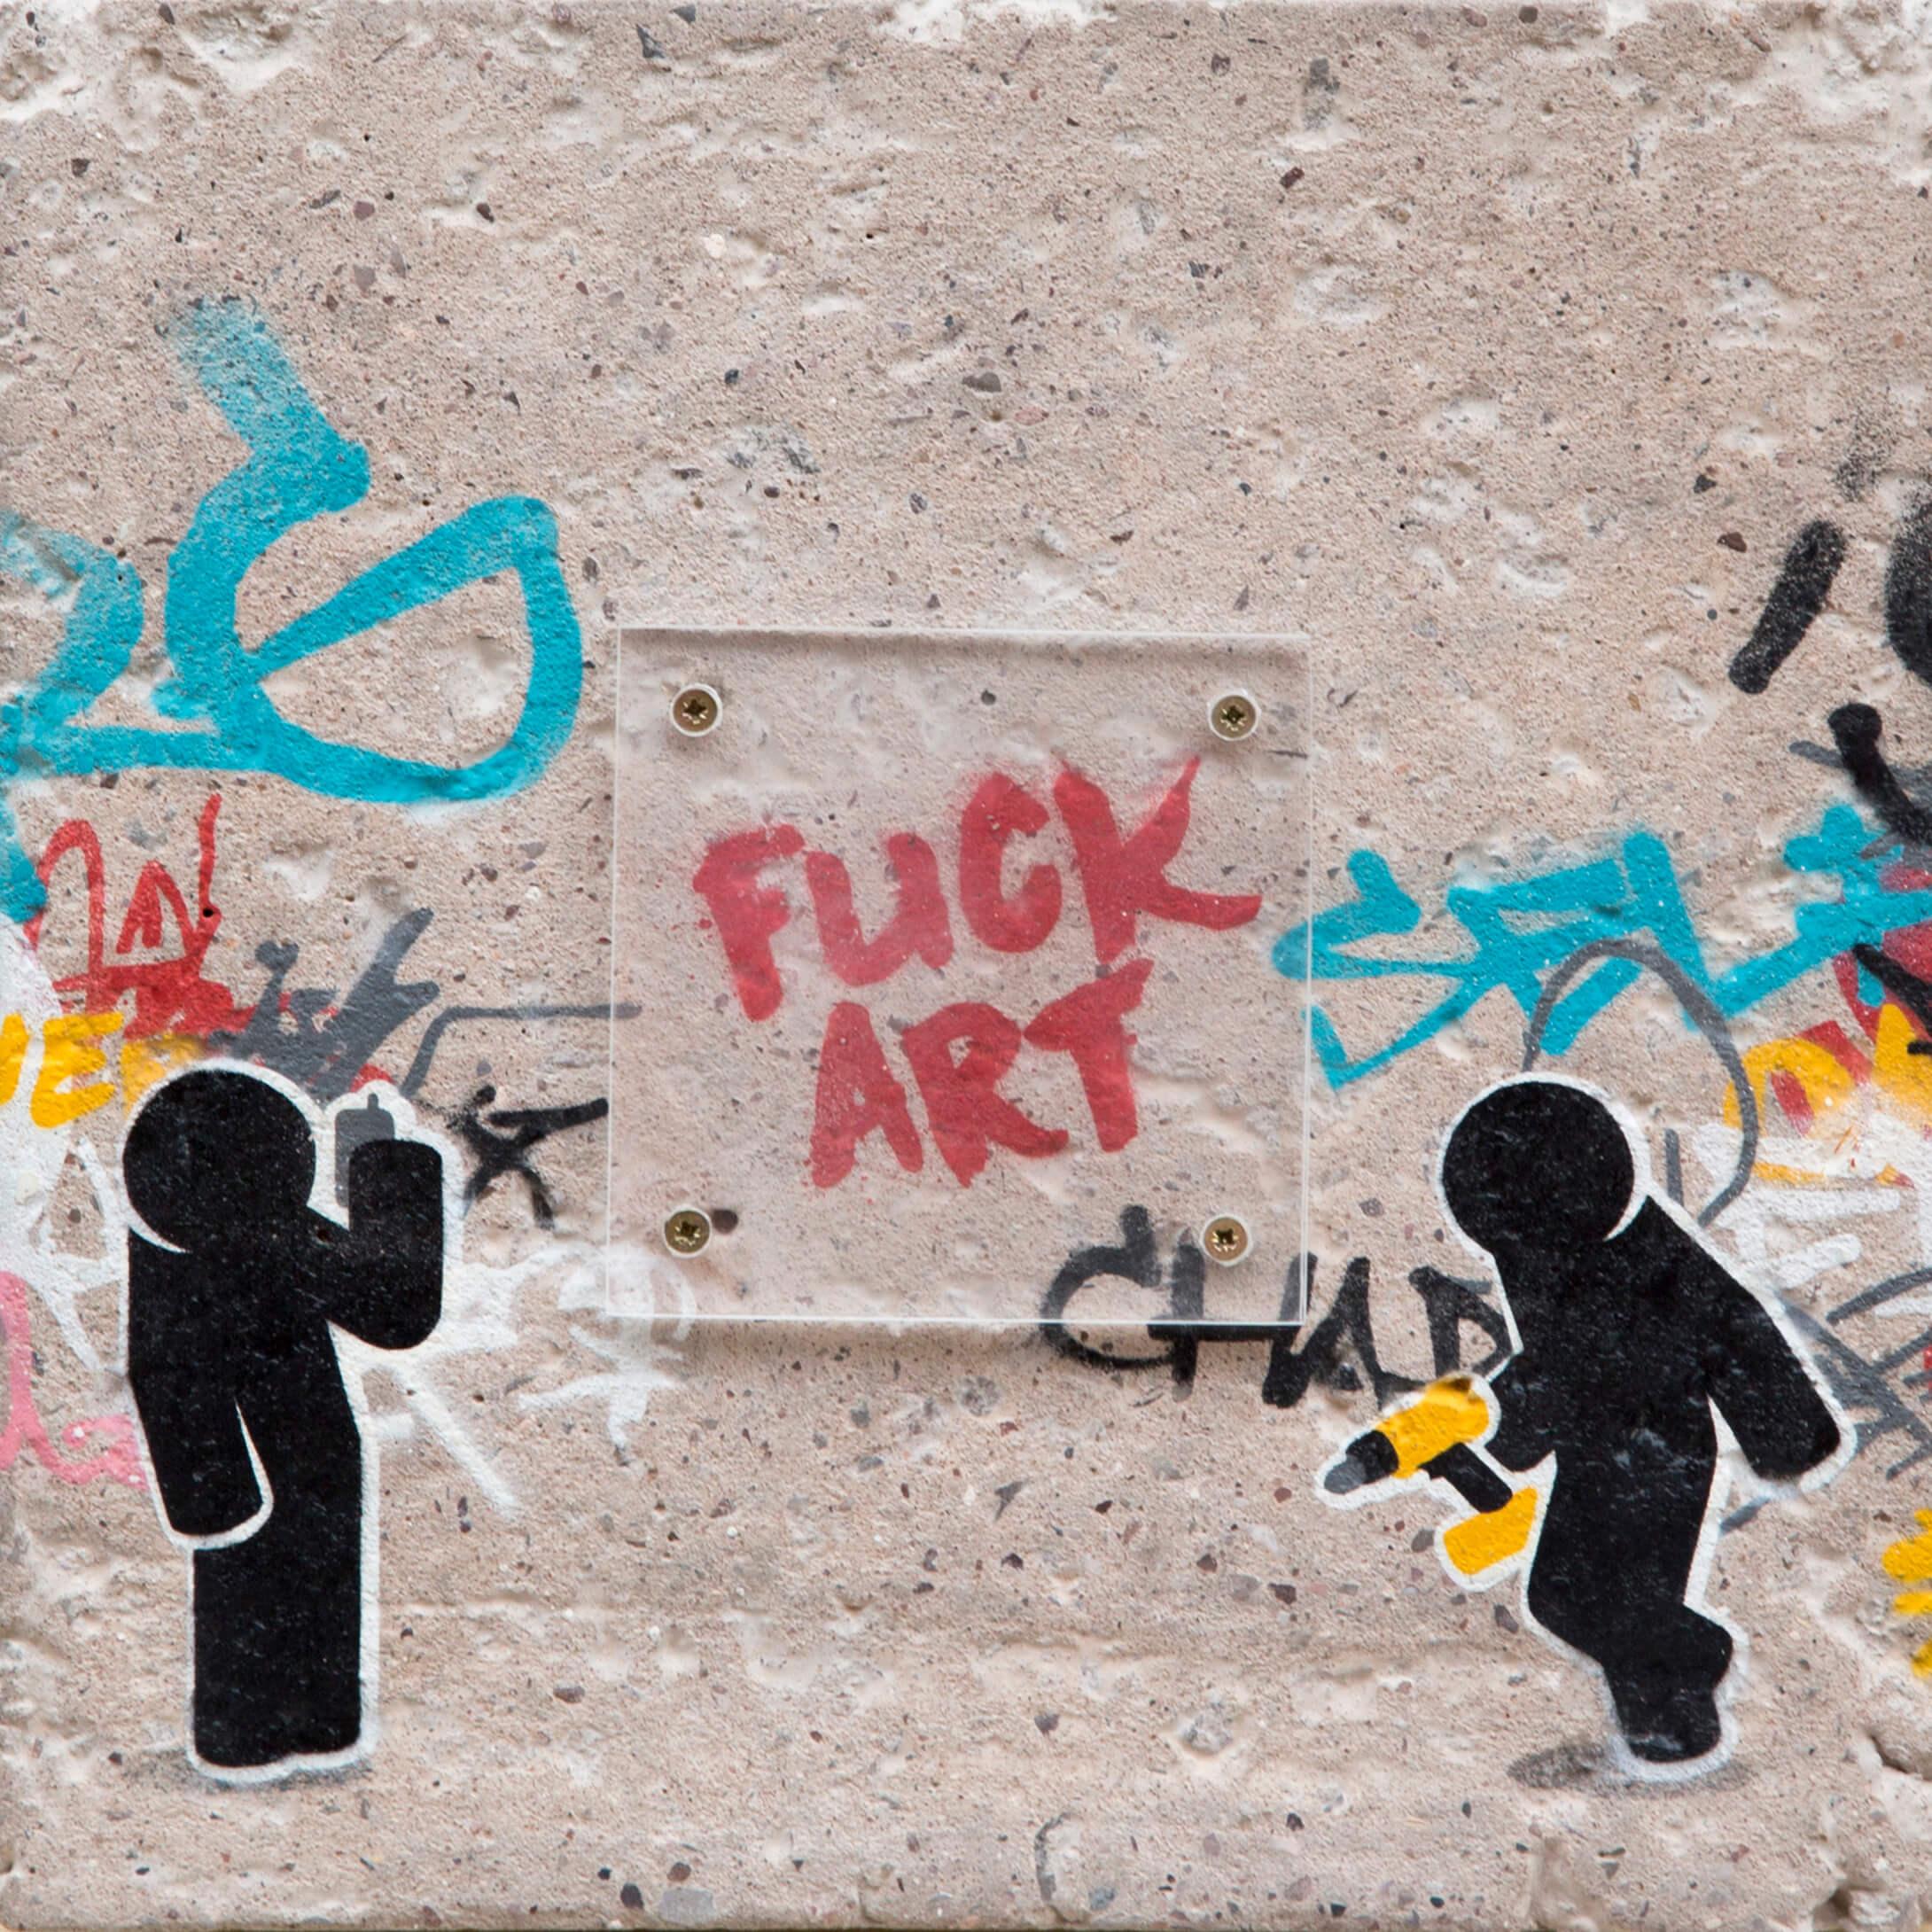 Pahnl - Fuck Art